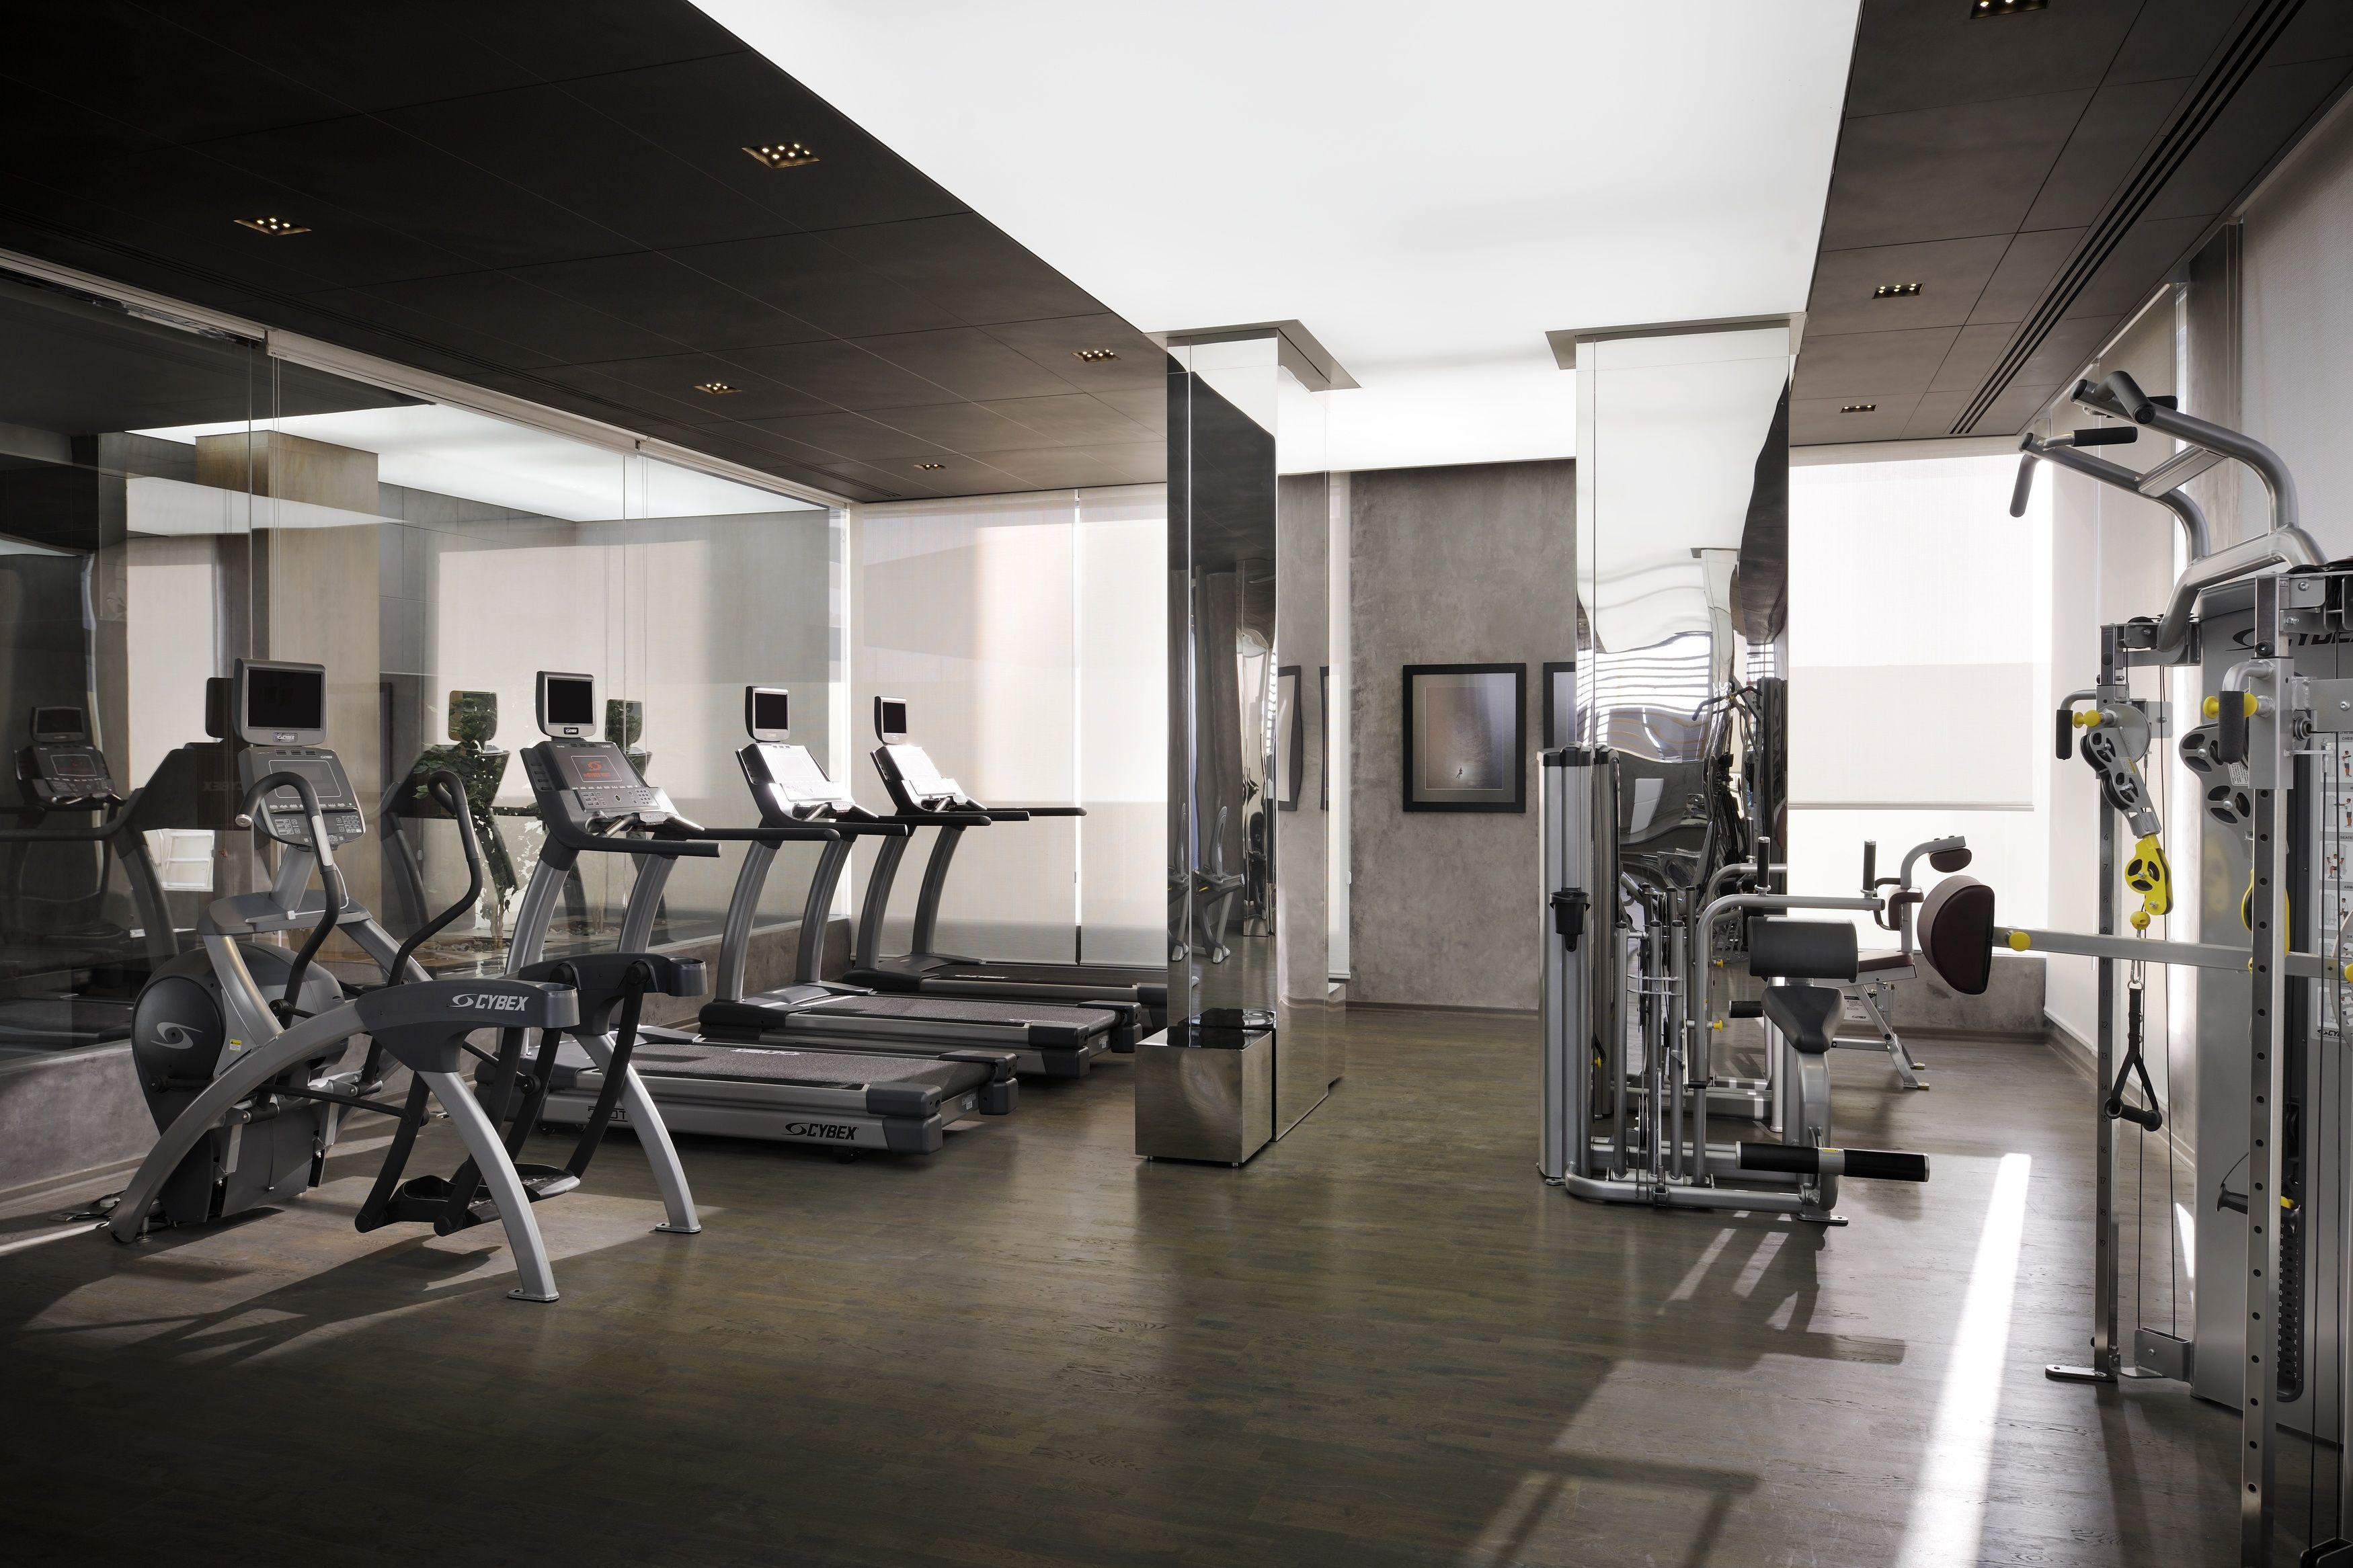 Hotel gym radisson royal star hotel in dubai in hotel